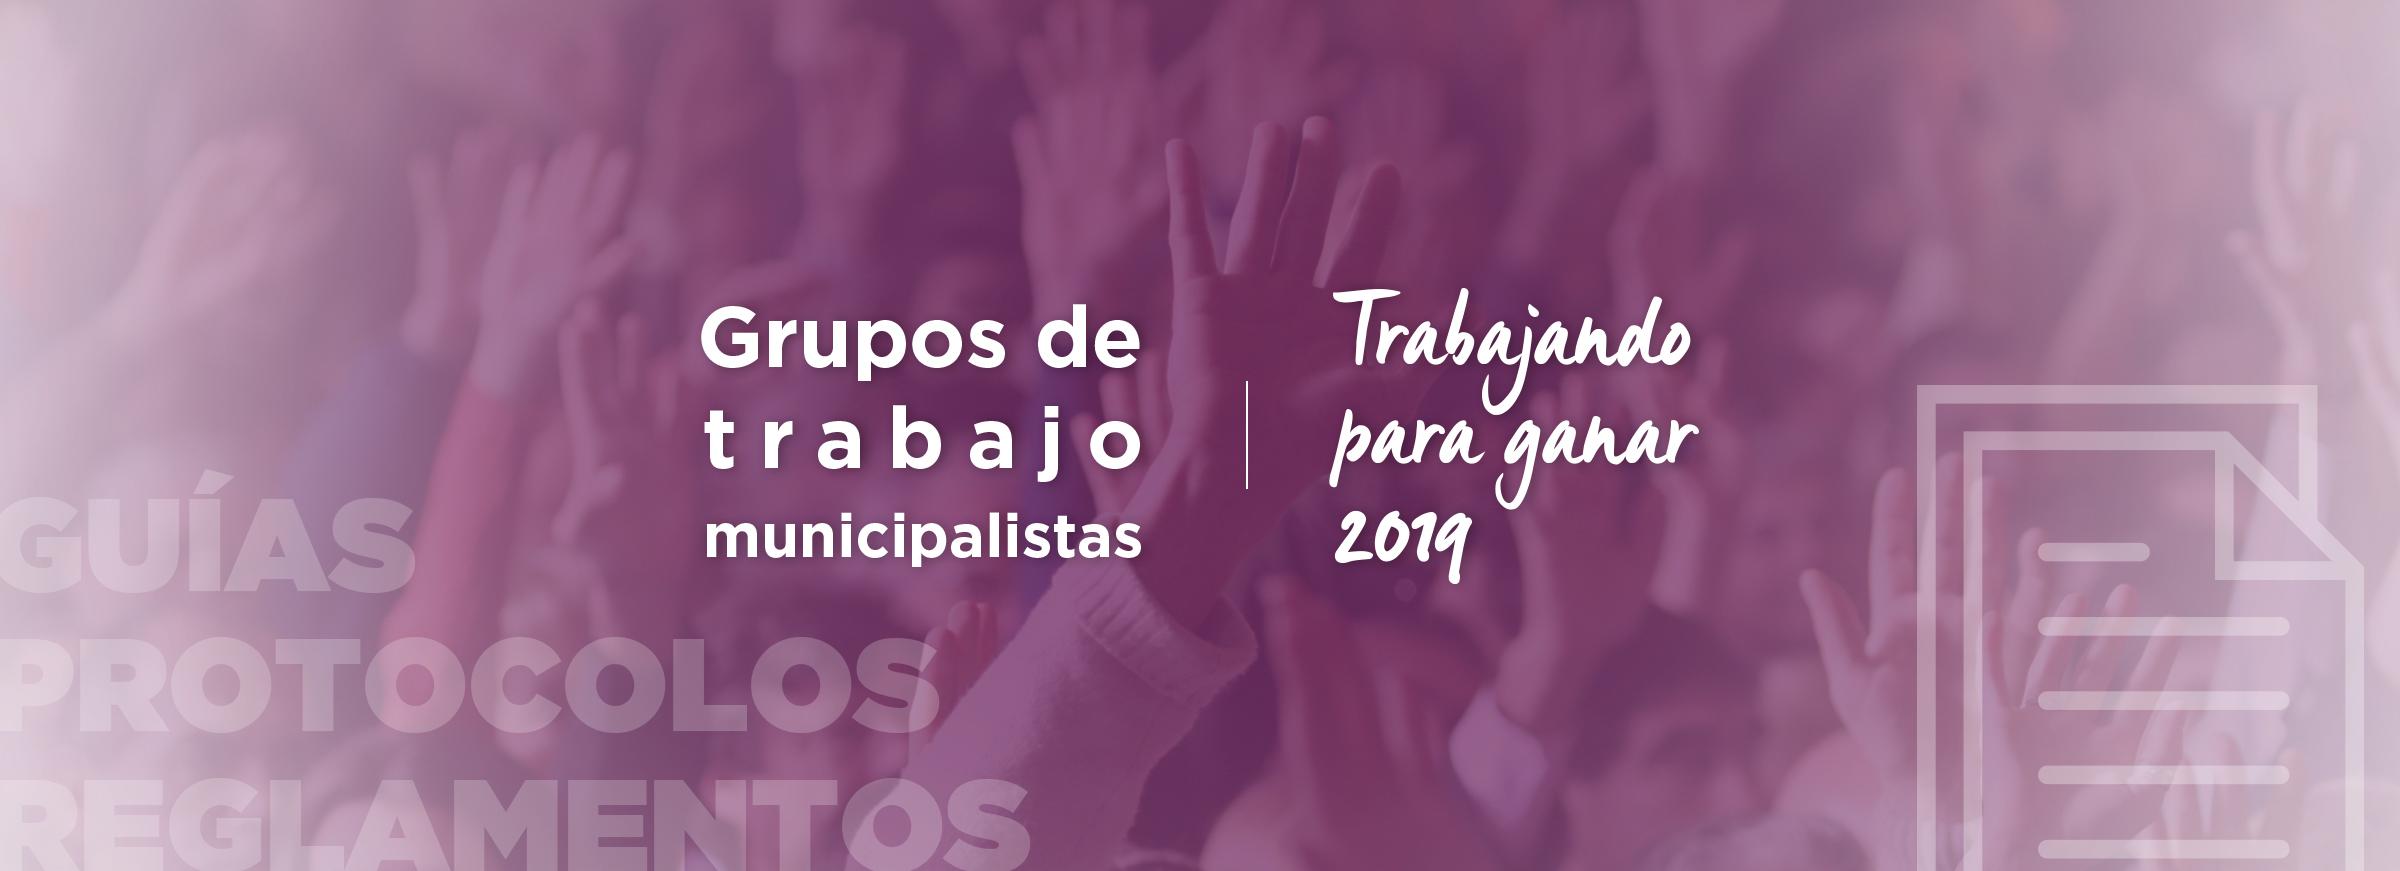 Haz clic para saber más sobre los Grupos de Trabajo Municipalistas